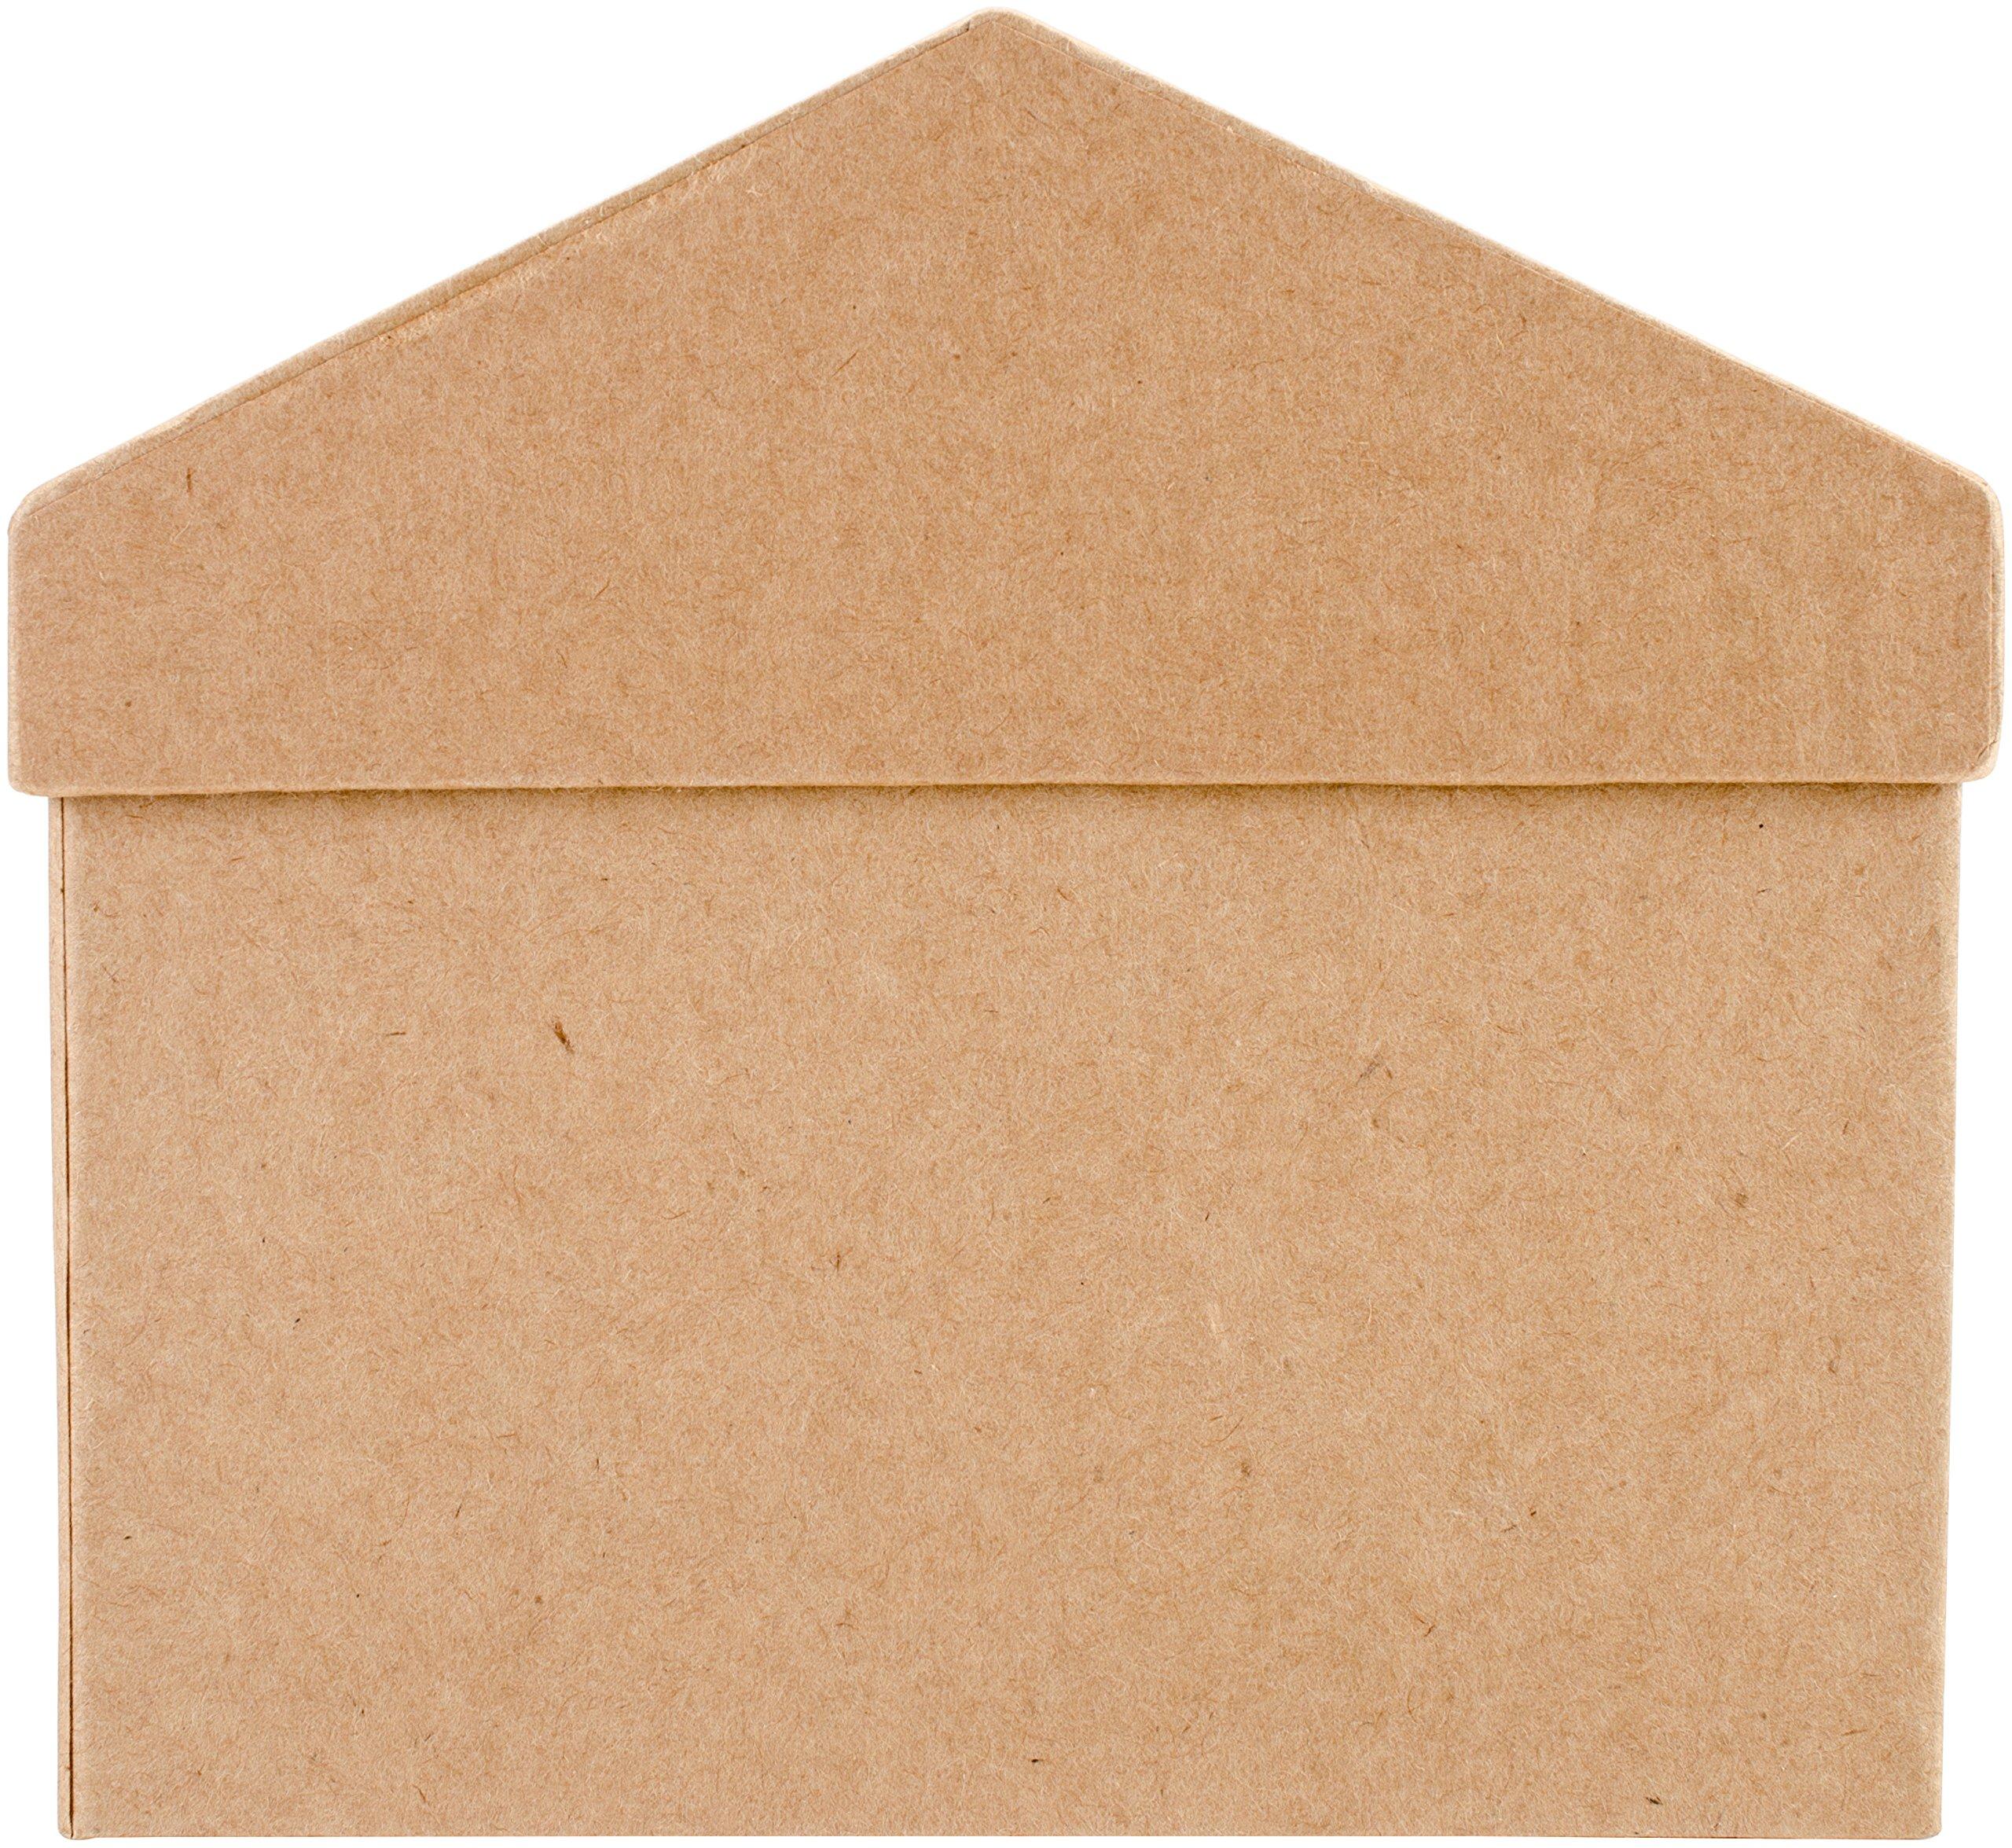 Art Alternatives MVPM06216 Paper-Mache House Box Set 5/Pkg